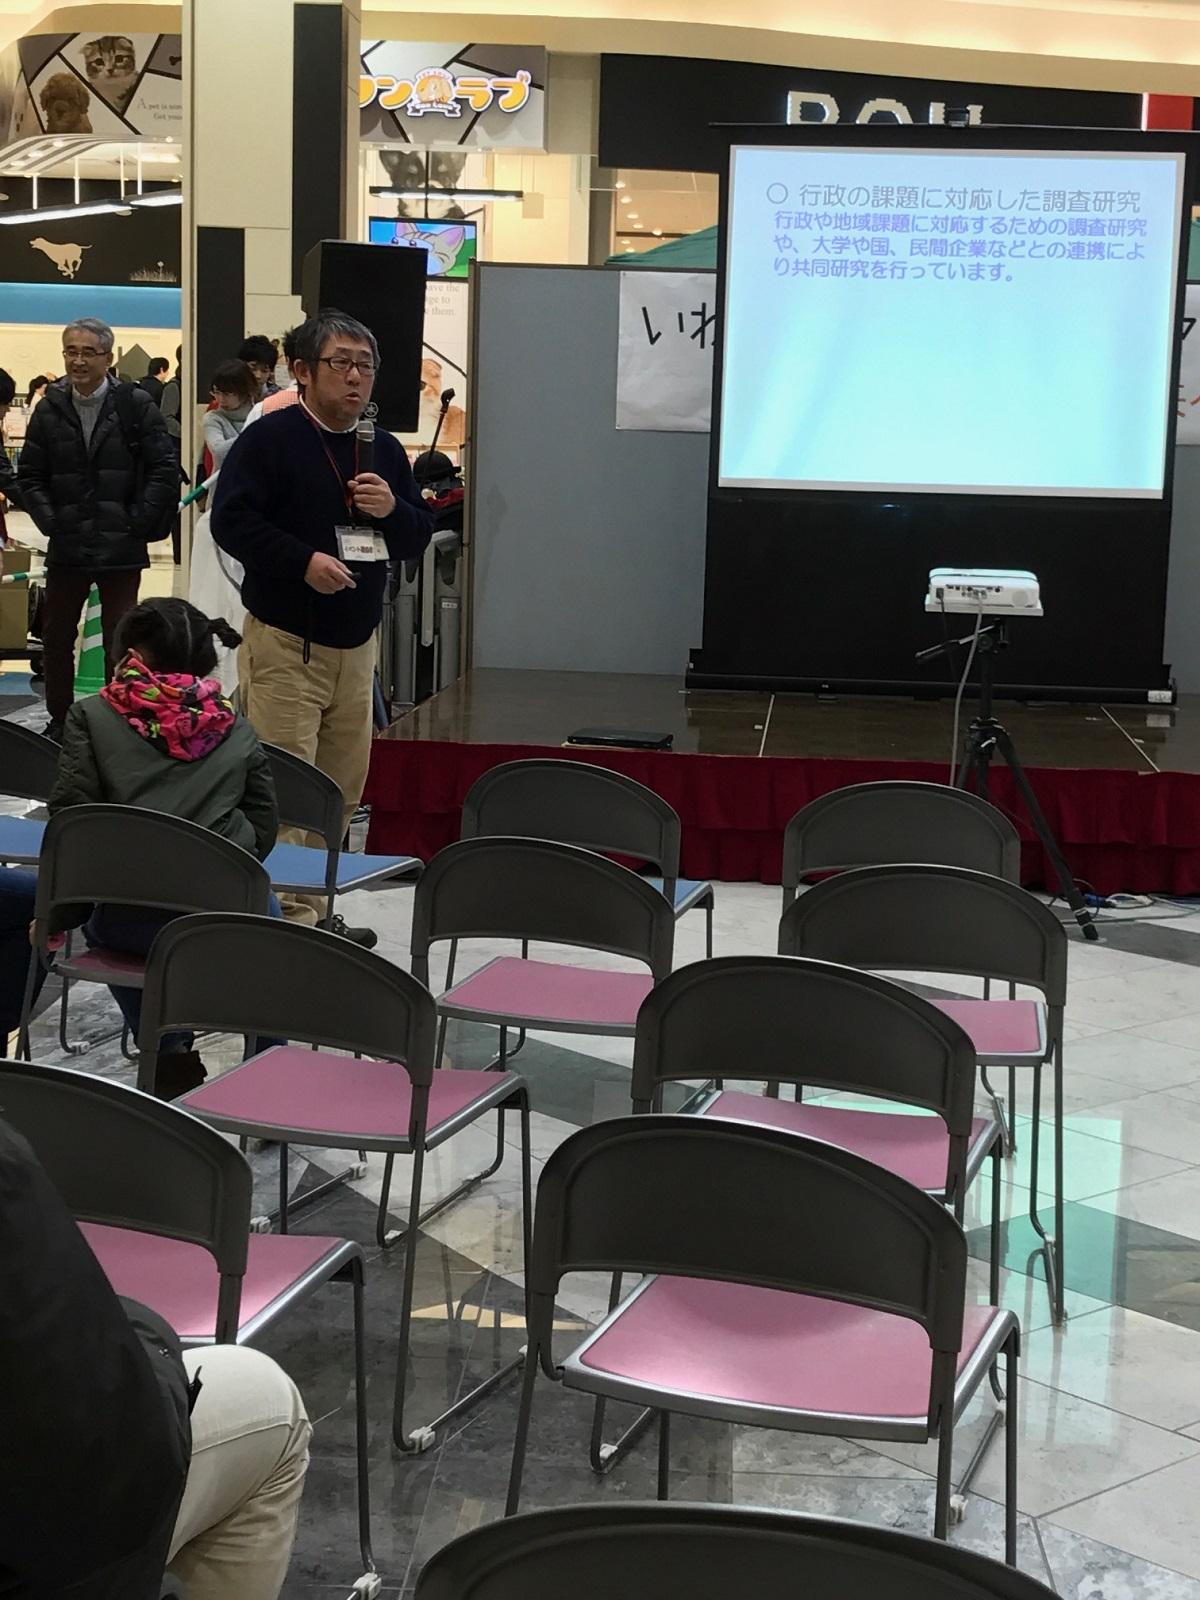 http://blog.iwate-eco.jp/2017/01/31/IMG_0518.jpg